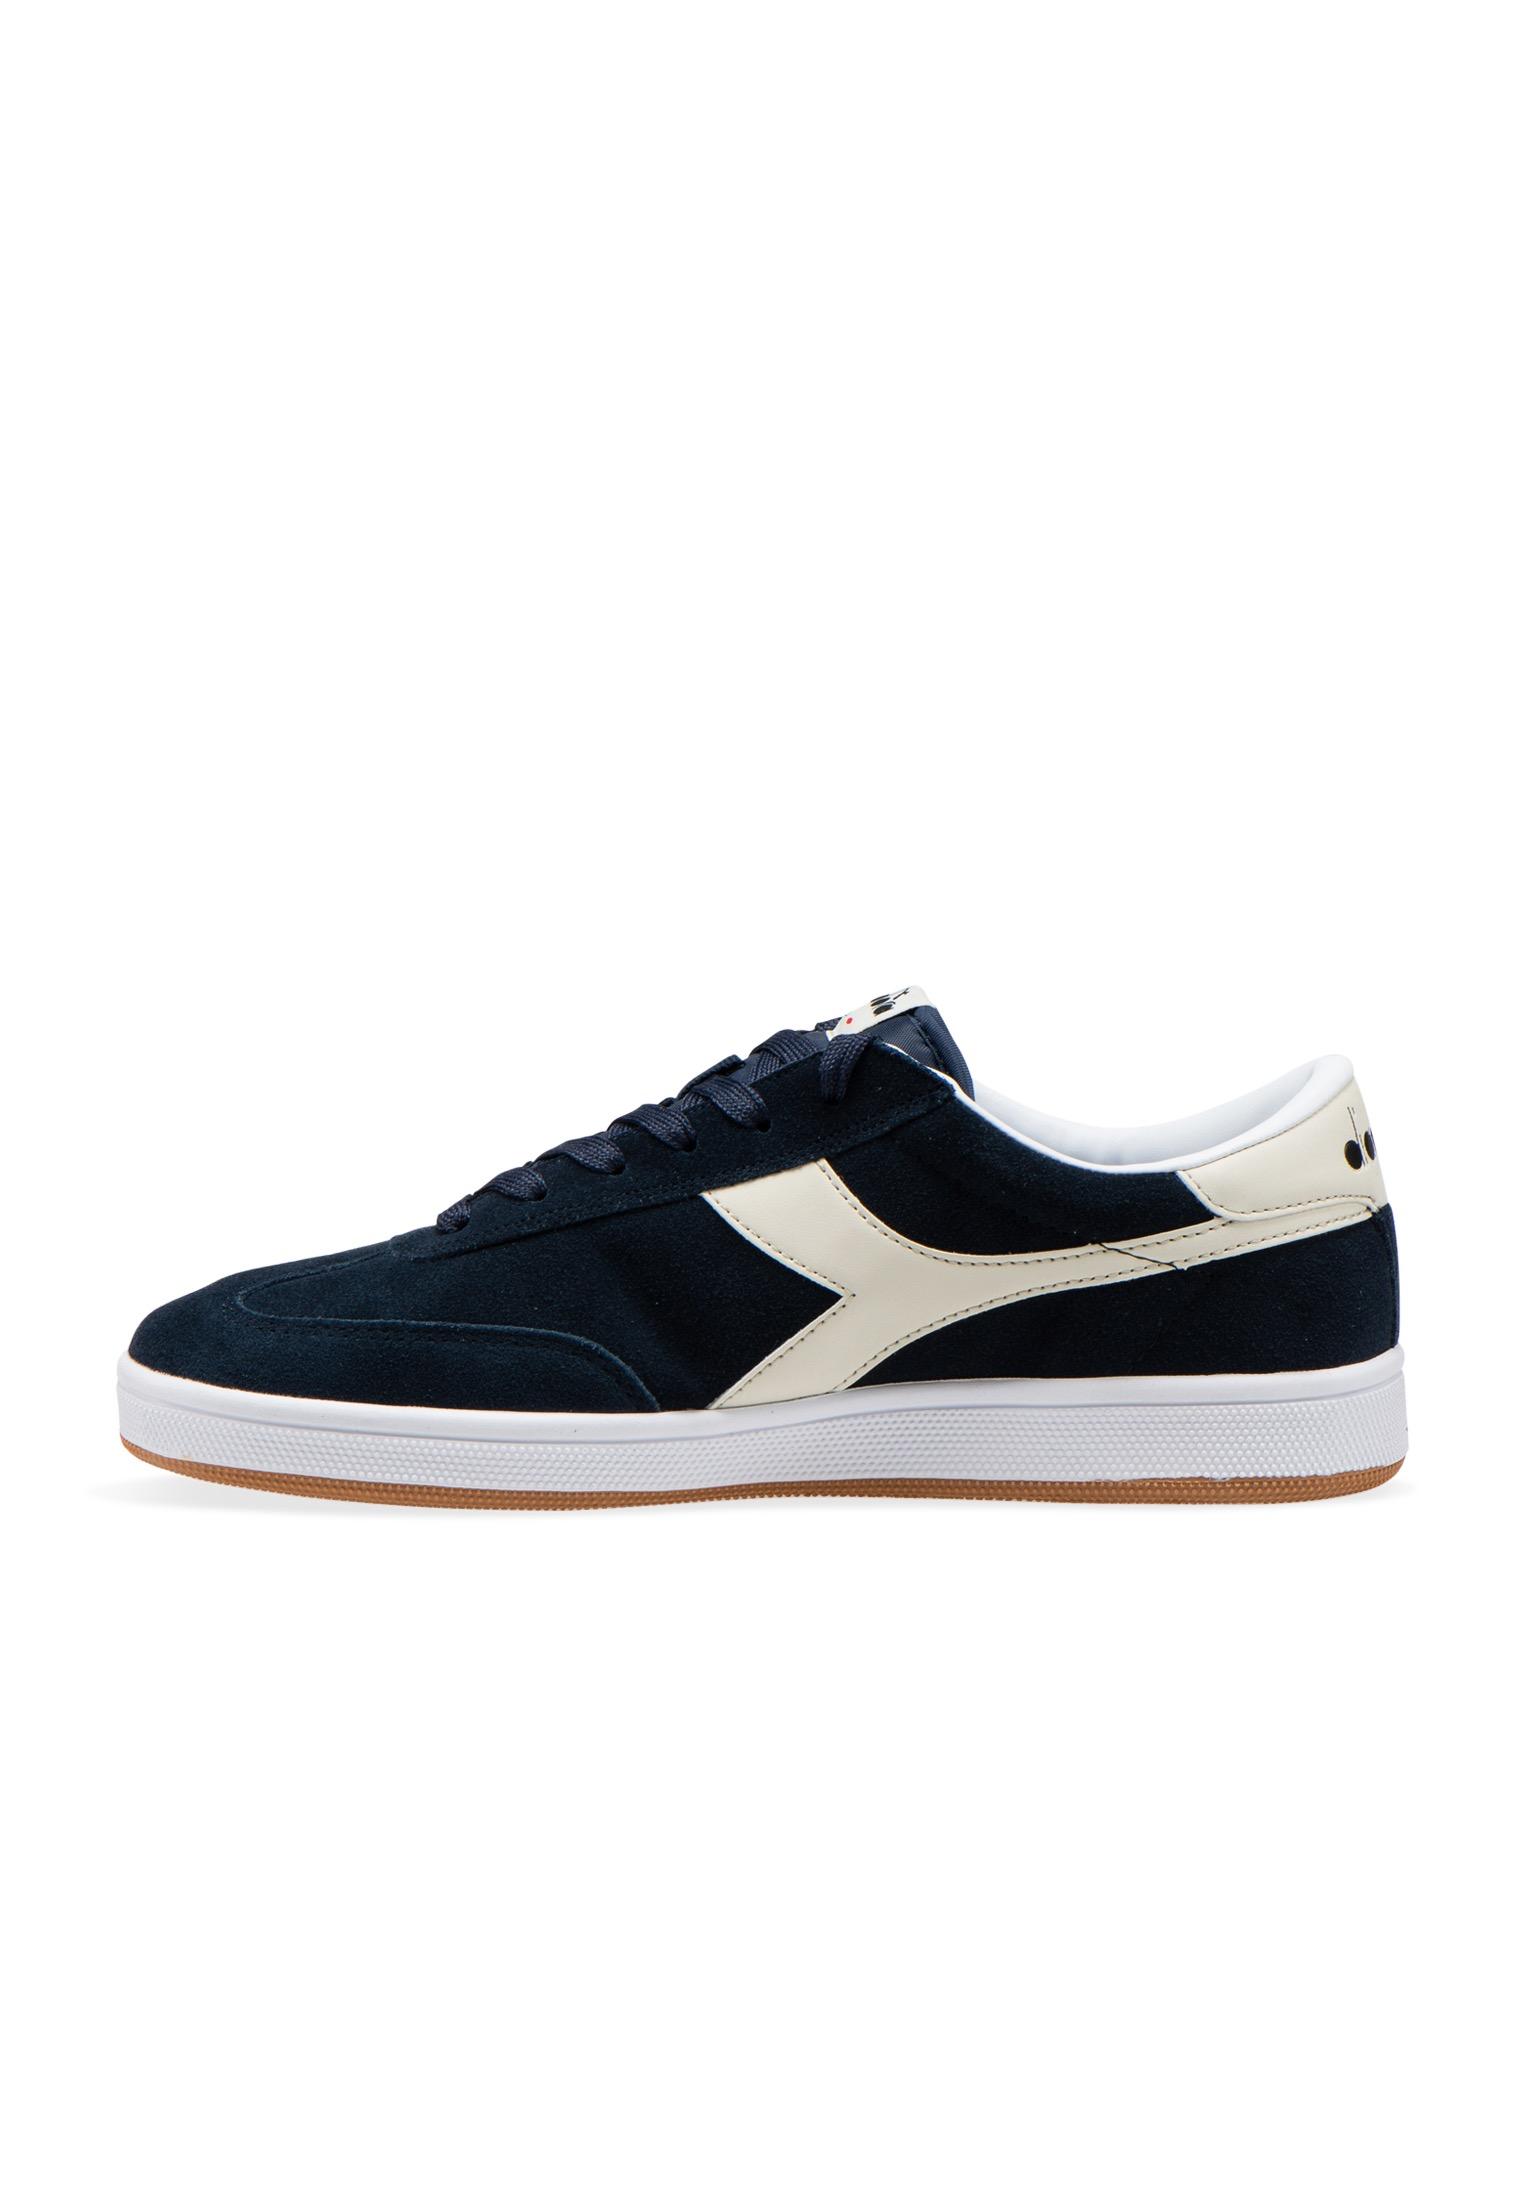 miniatura 33 - Diadora - Sneakers FIELD per uomo e donna